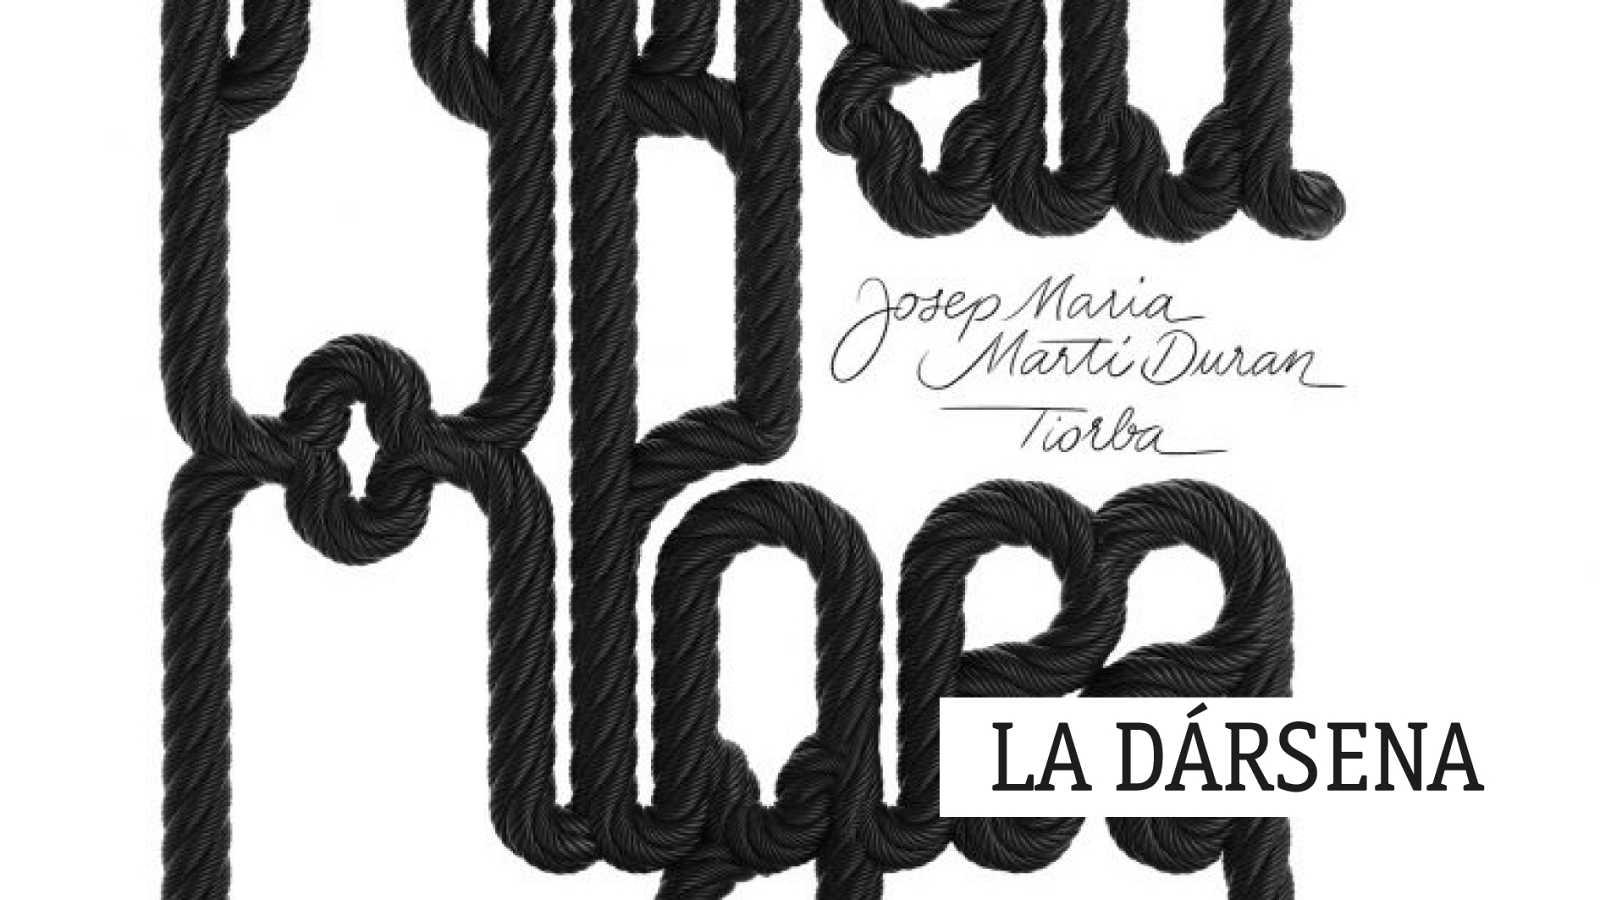 Entrevista a Josep María Martí Durán - escuchar ahora